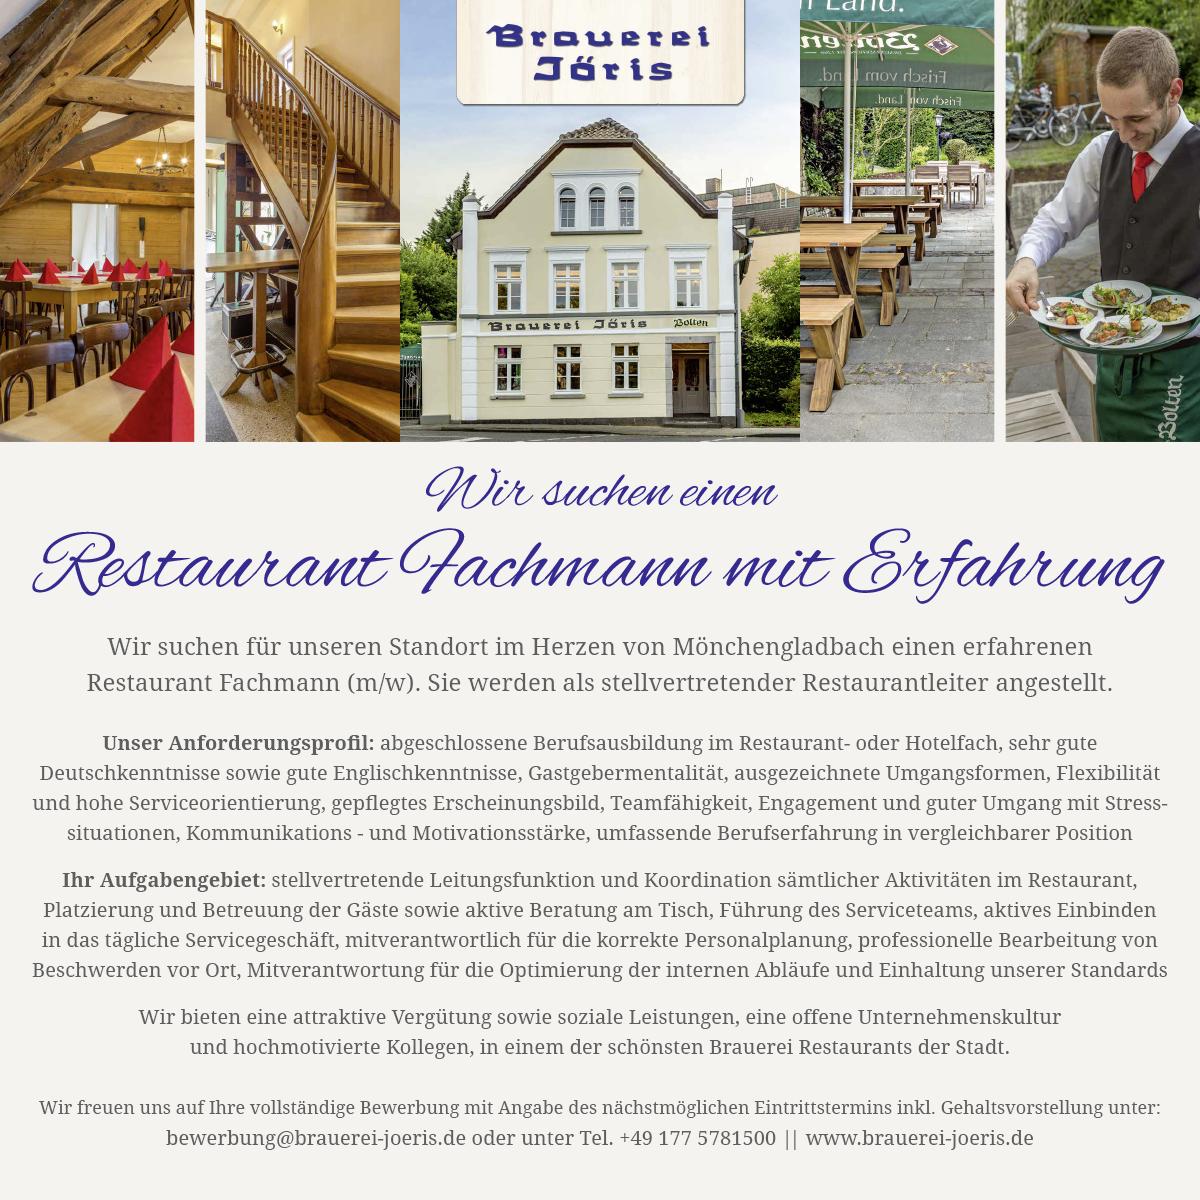 Brauerei_Joeris_Stellenanzeige_fachmann